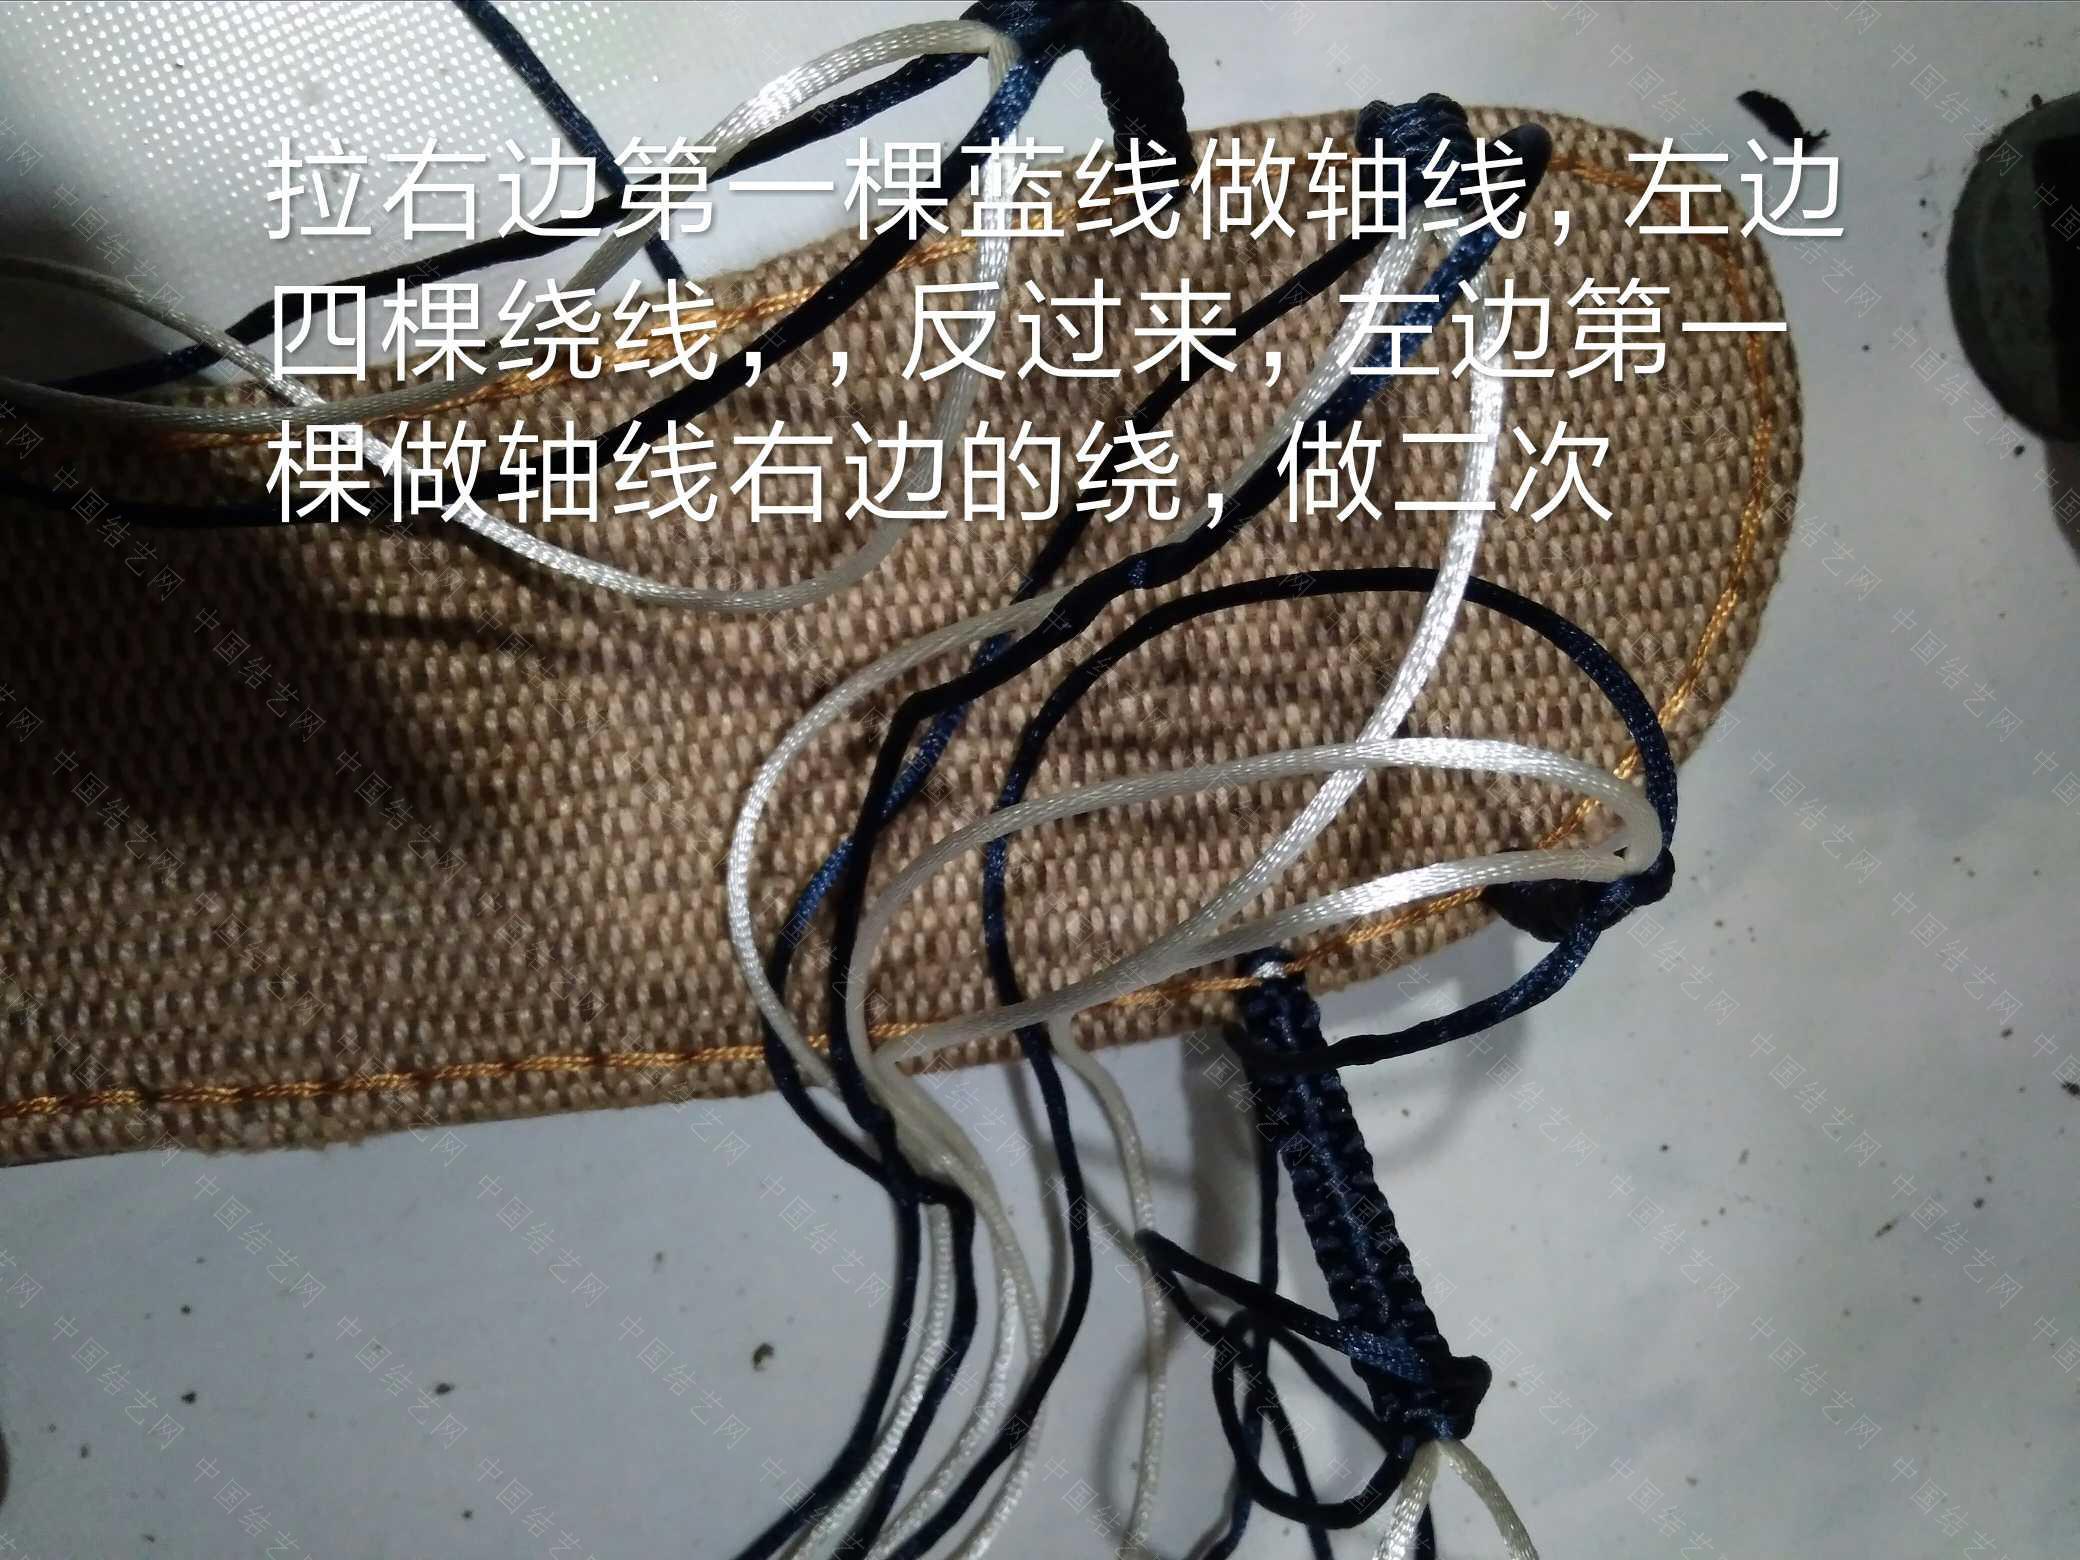 中国结论坛 手工艺术大世界,发个简单的男士拖鞋  图文教程区 234233jjm8yyuuyyze4e40